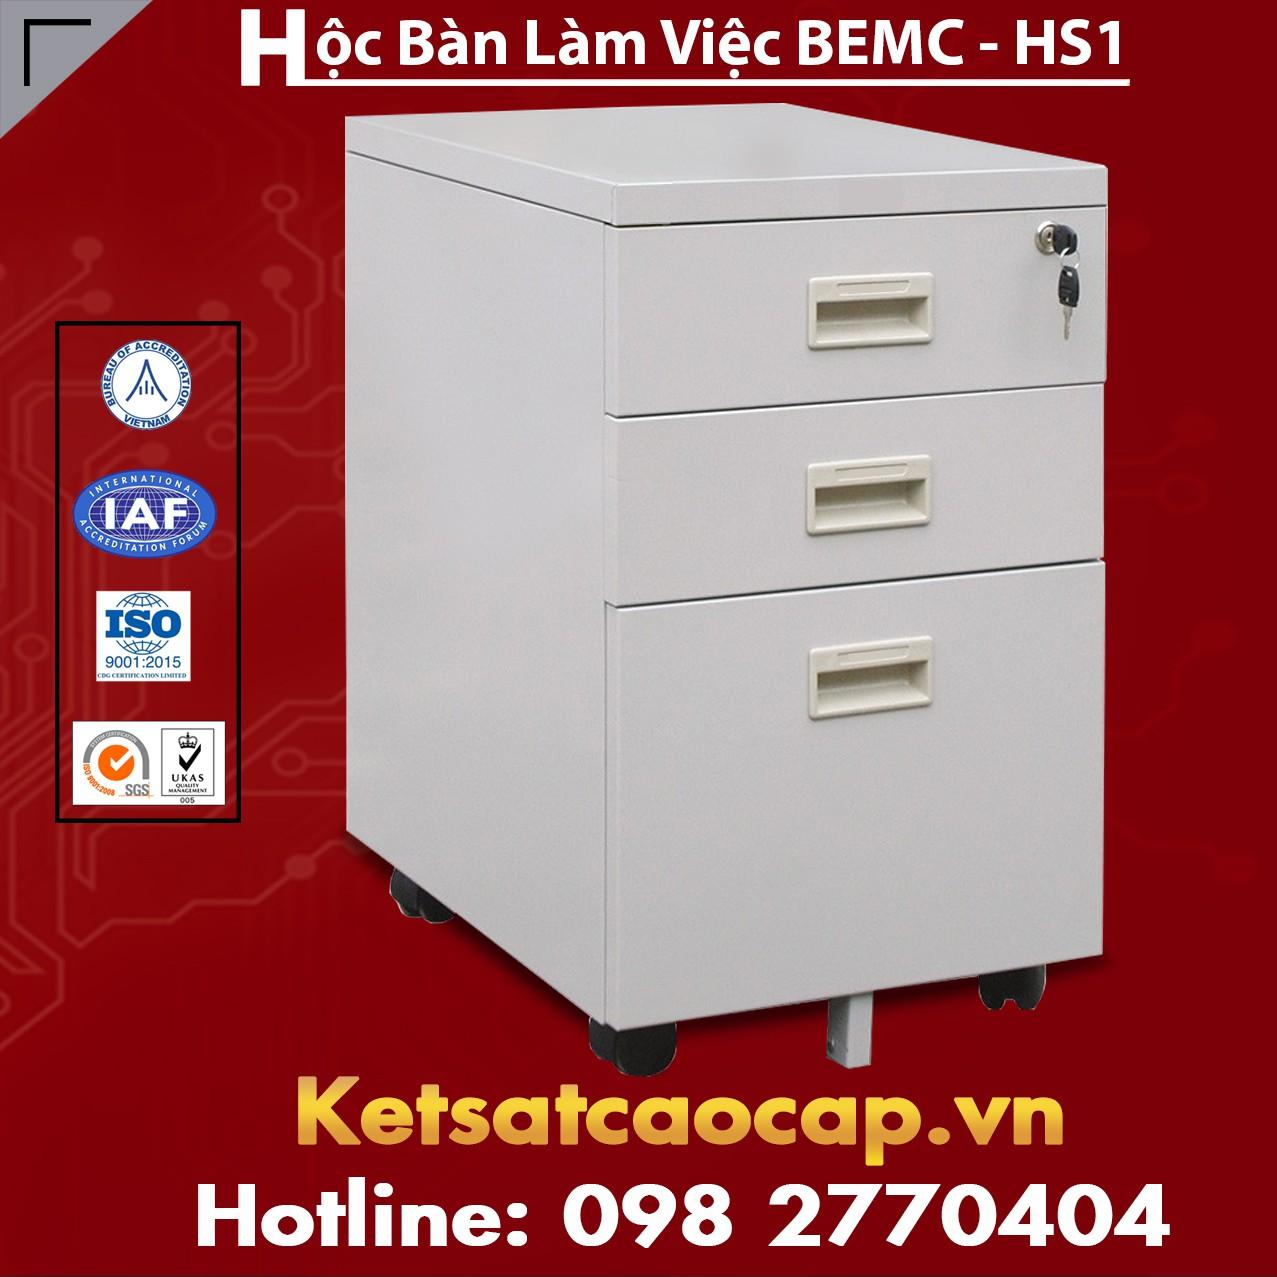 Hộc Bàn Làm Việc BEMC - HS1